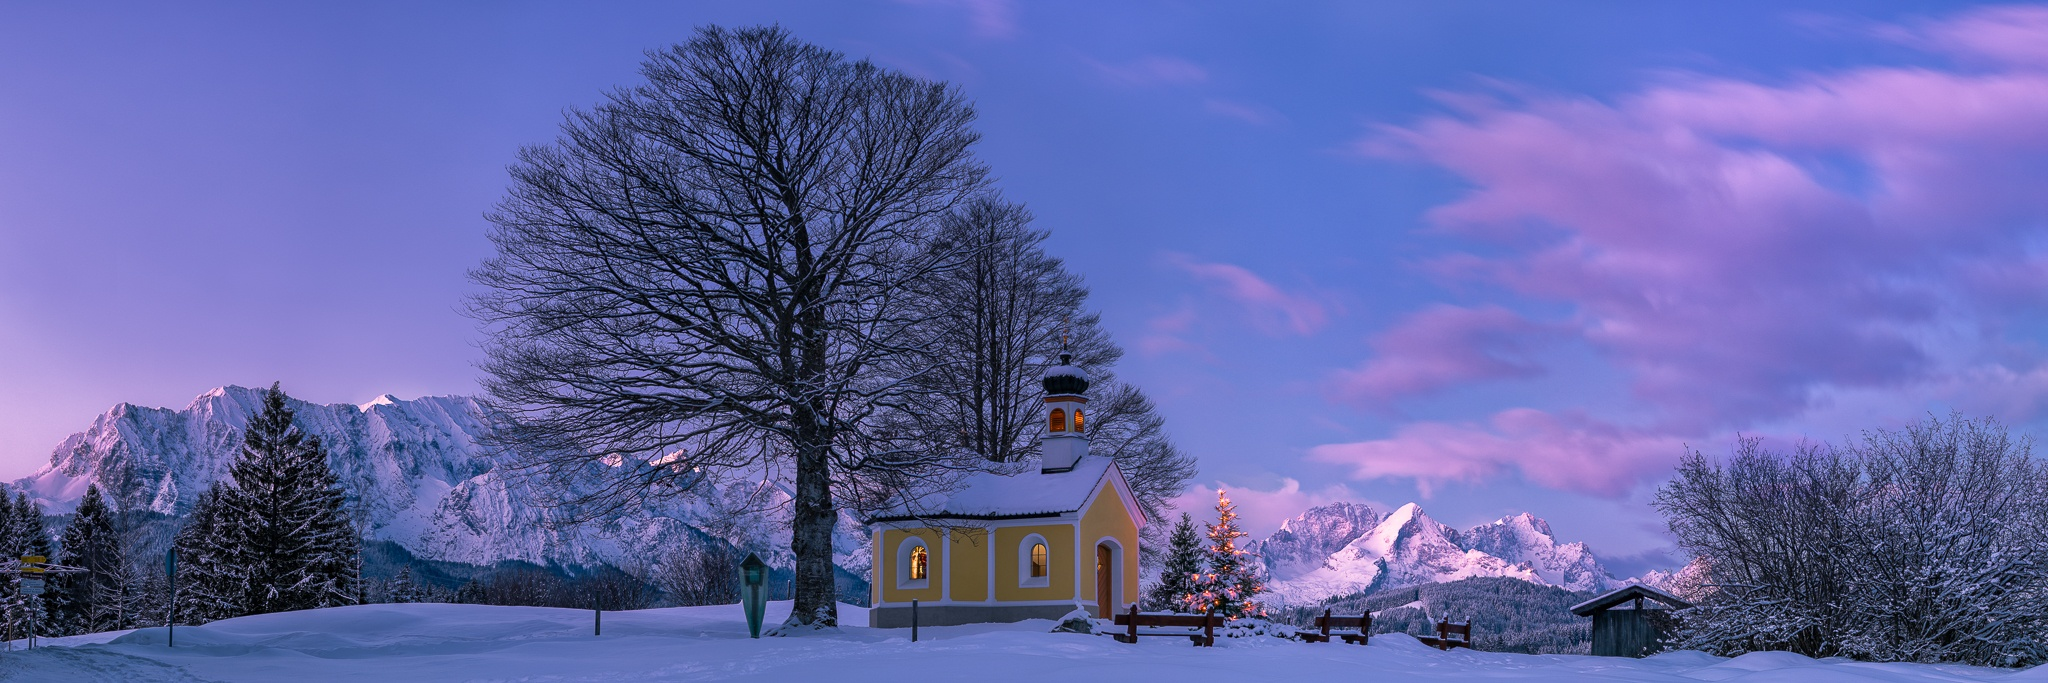 Weihnachten mit Kapelle Berglandschaft Panorama